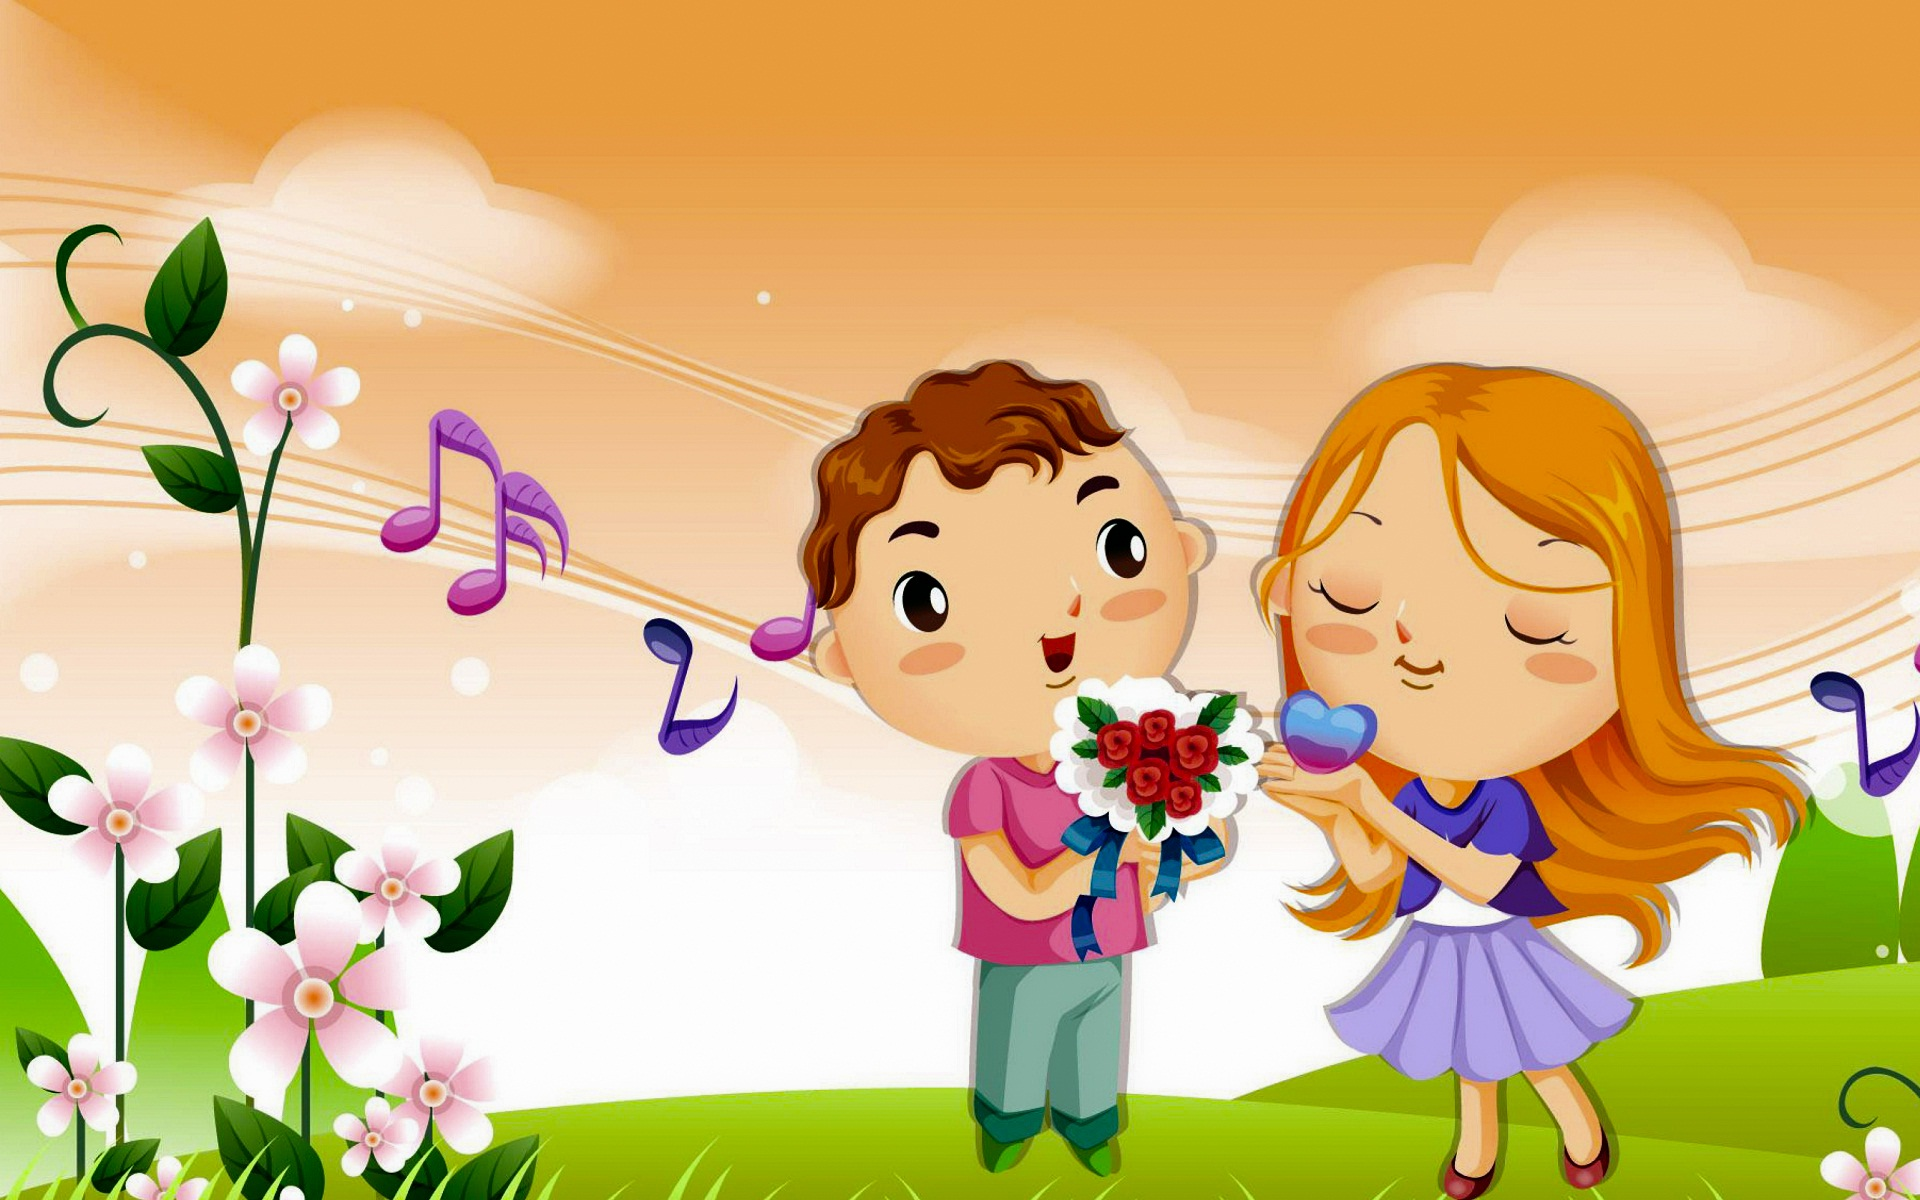 Find over 100+ of the best free couples images. Animation Images Desktop | PixelsTalk.Net